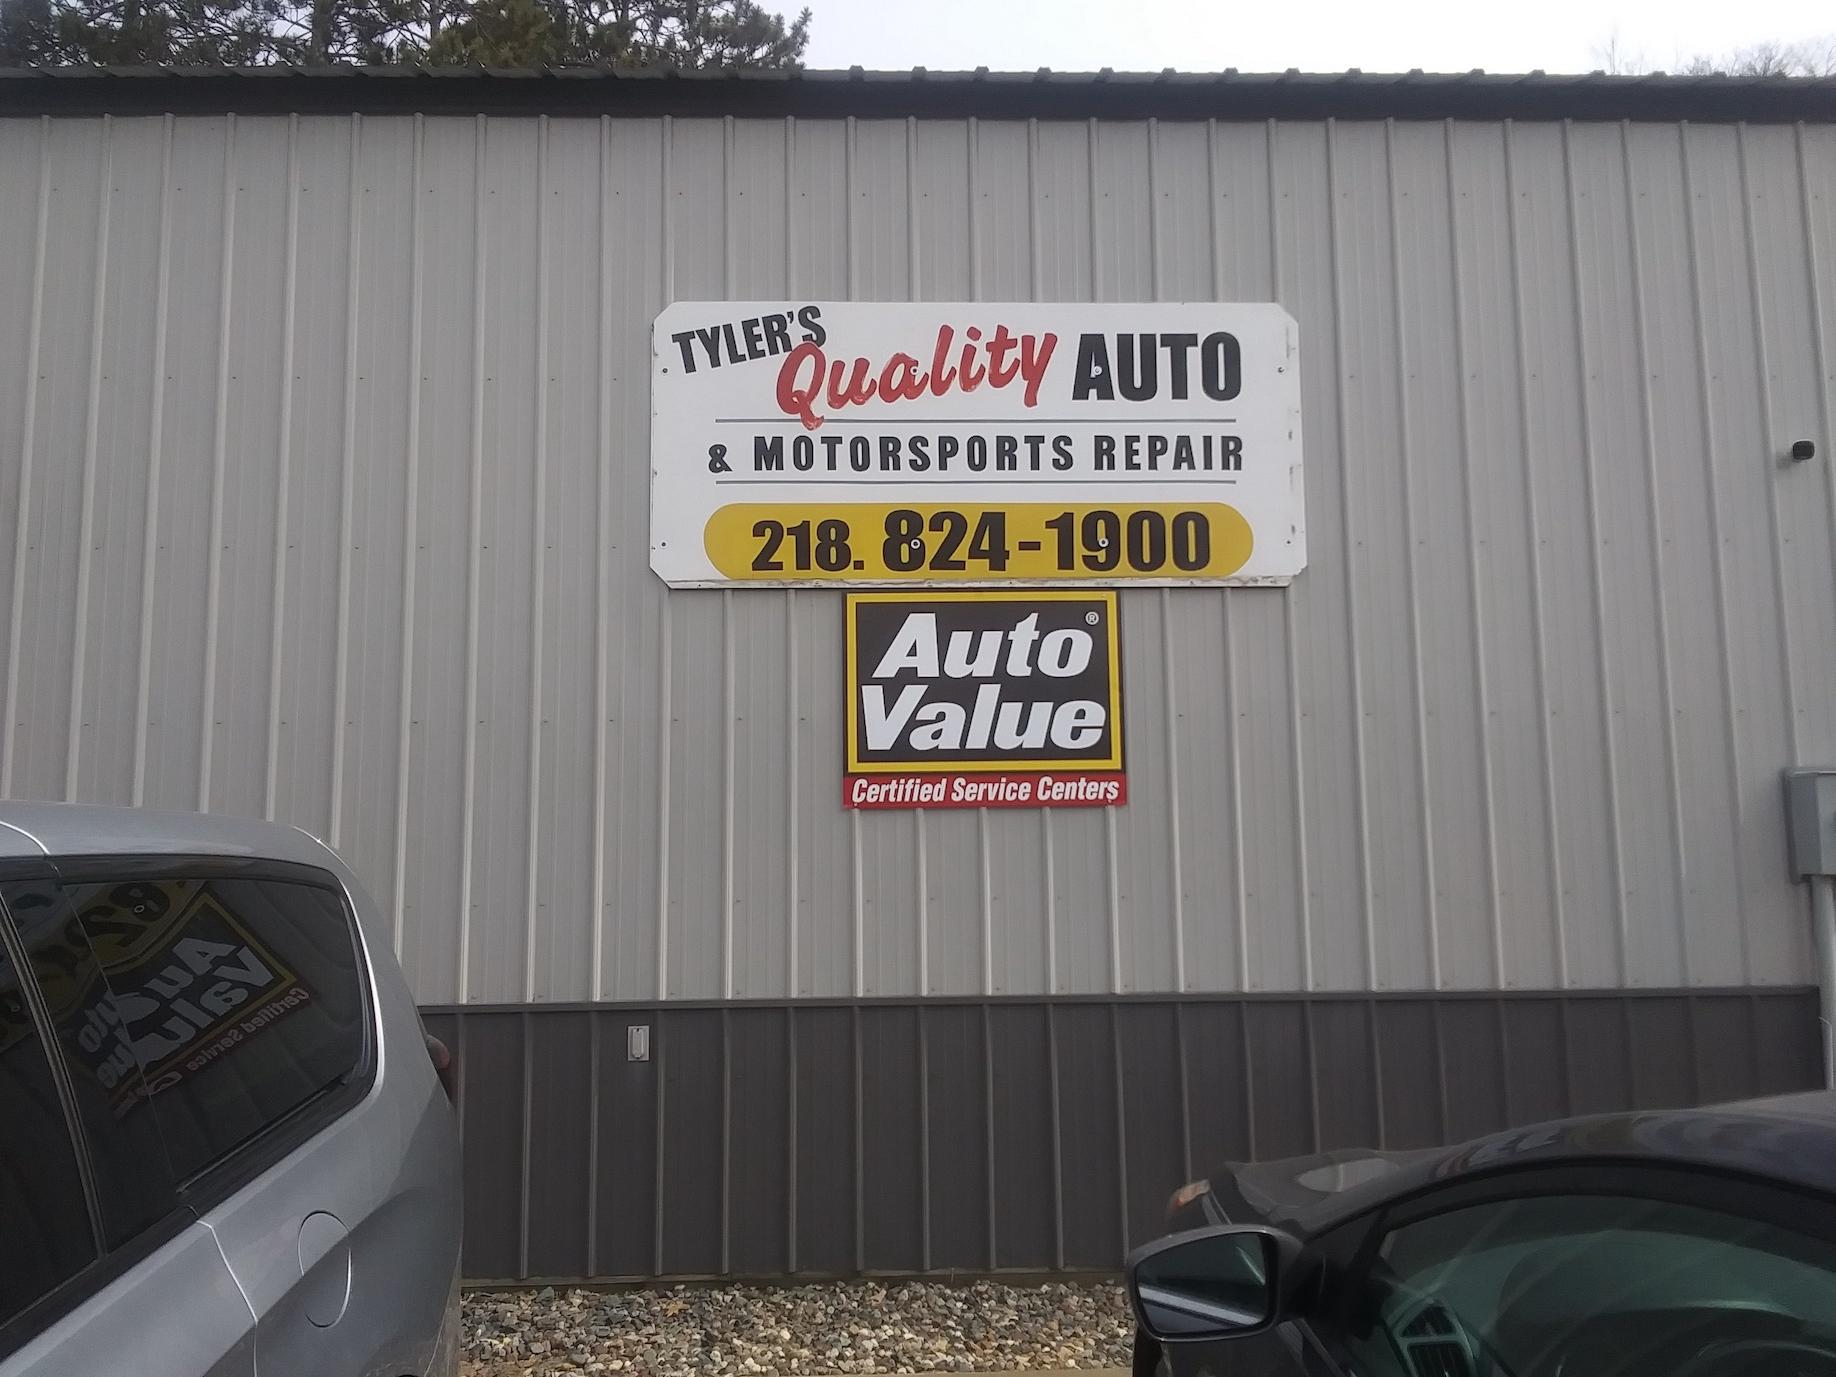 Tyler's Quality Auto